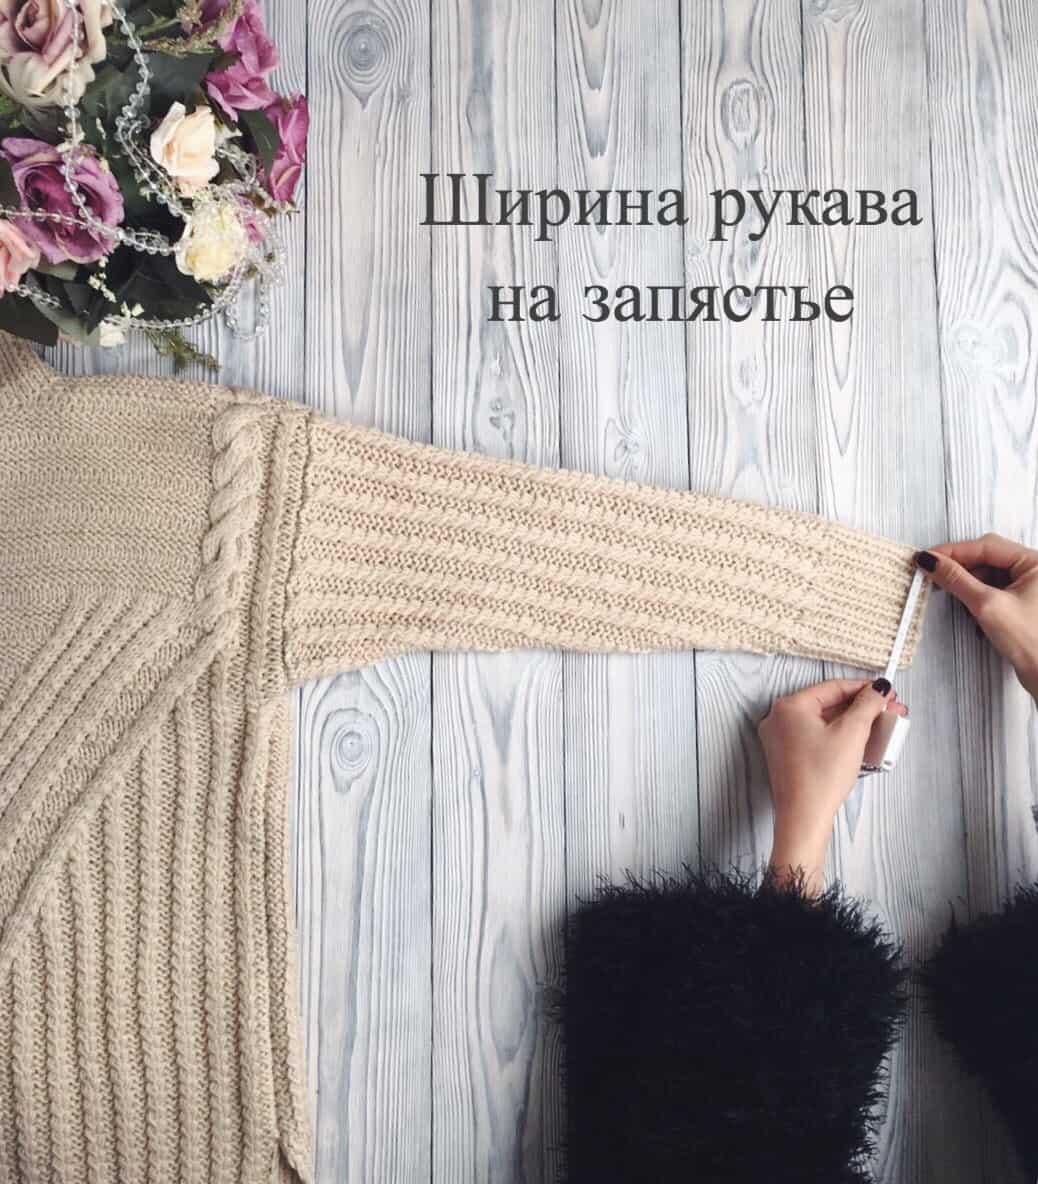 На фотографии изображено как правильно снять мерки с вязаных изделий для индивидуального заказа в интернет-магазине одежды ручной работы www.ShaparBrand.ru